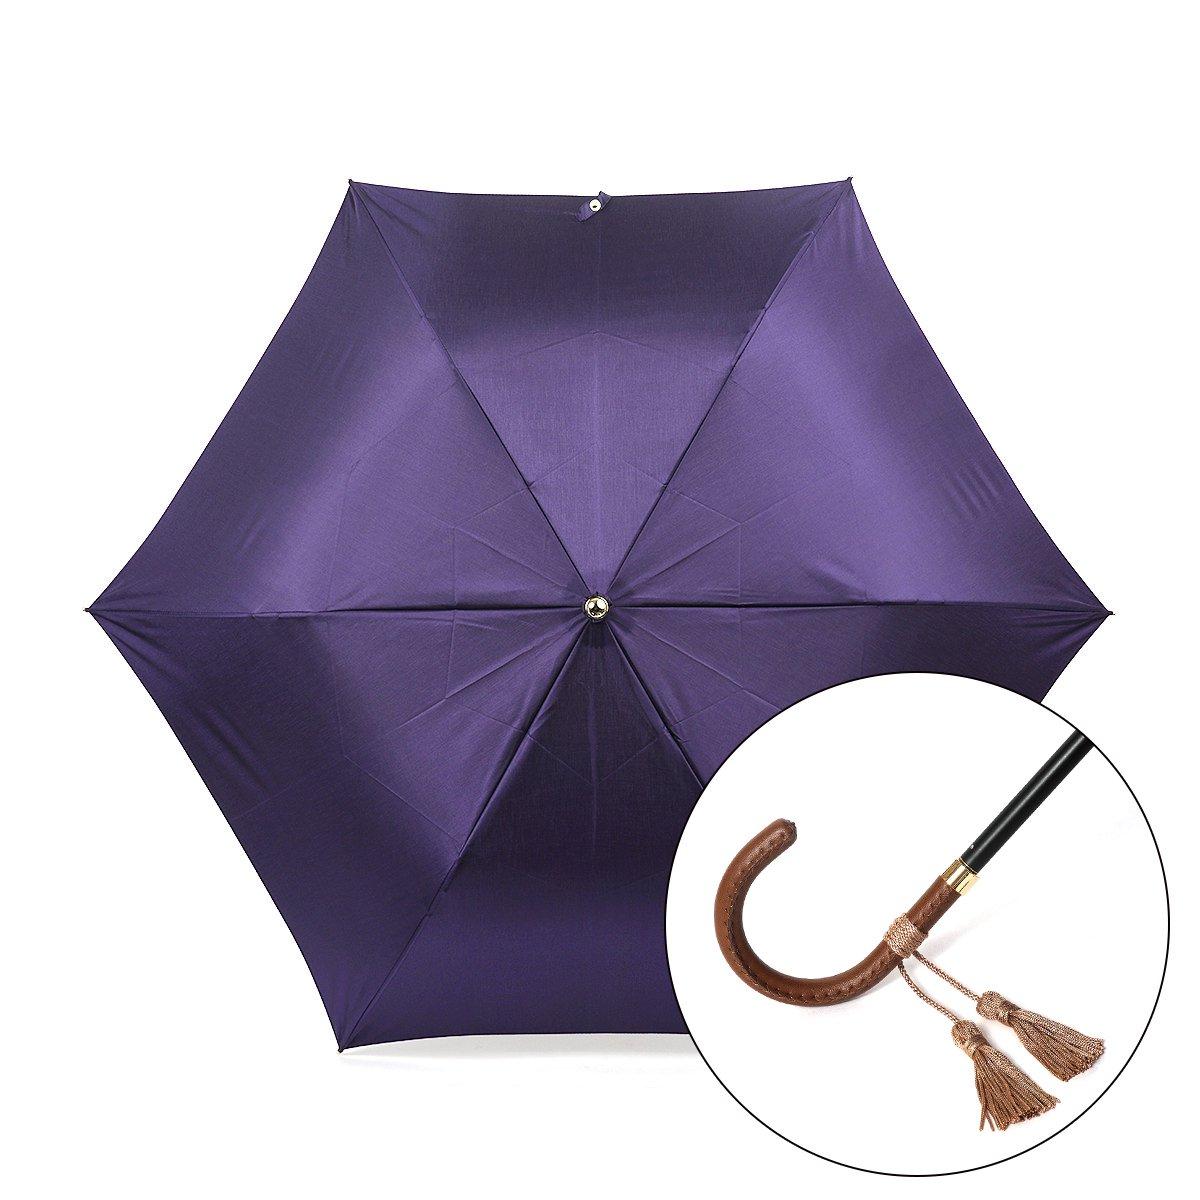 東京ノーブル 無地 折りたたみ傘 詳細画像22